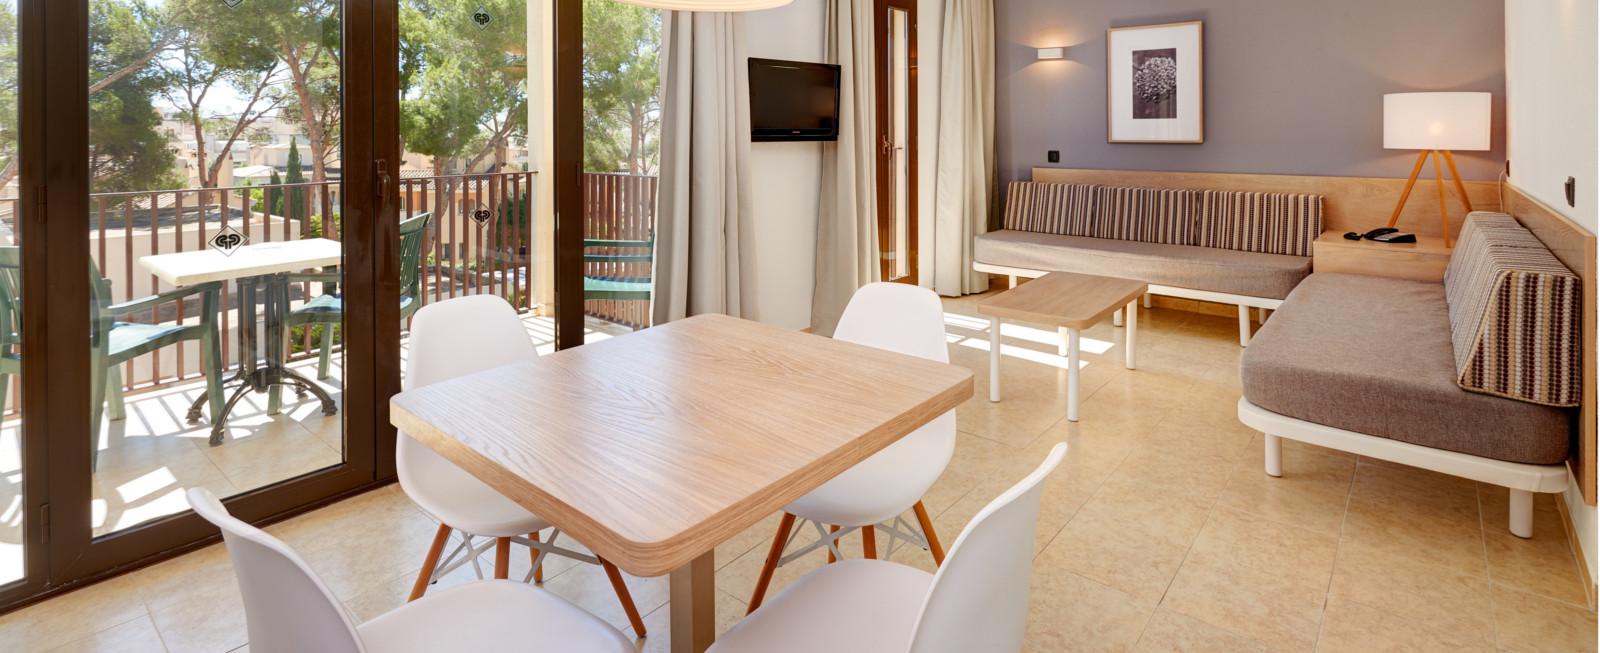 Protur Floriana Resort Aparthotel ubicado en la zona residencial de Son Floriana